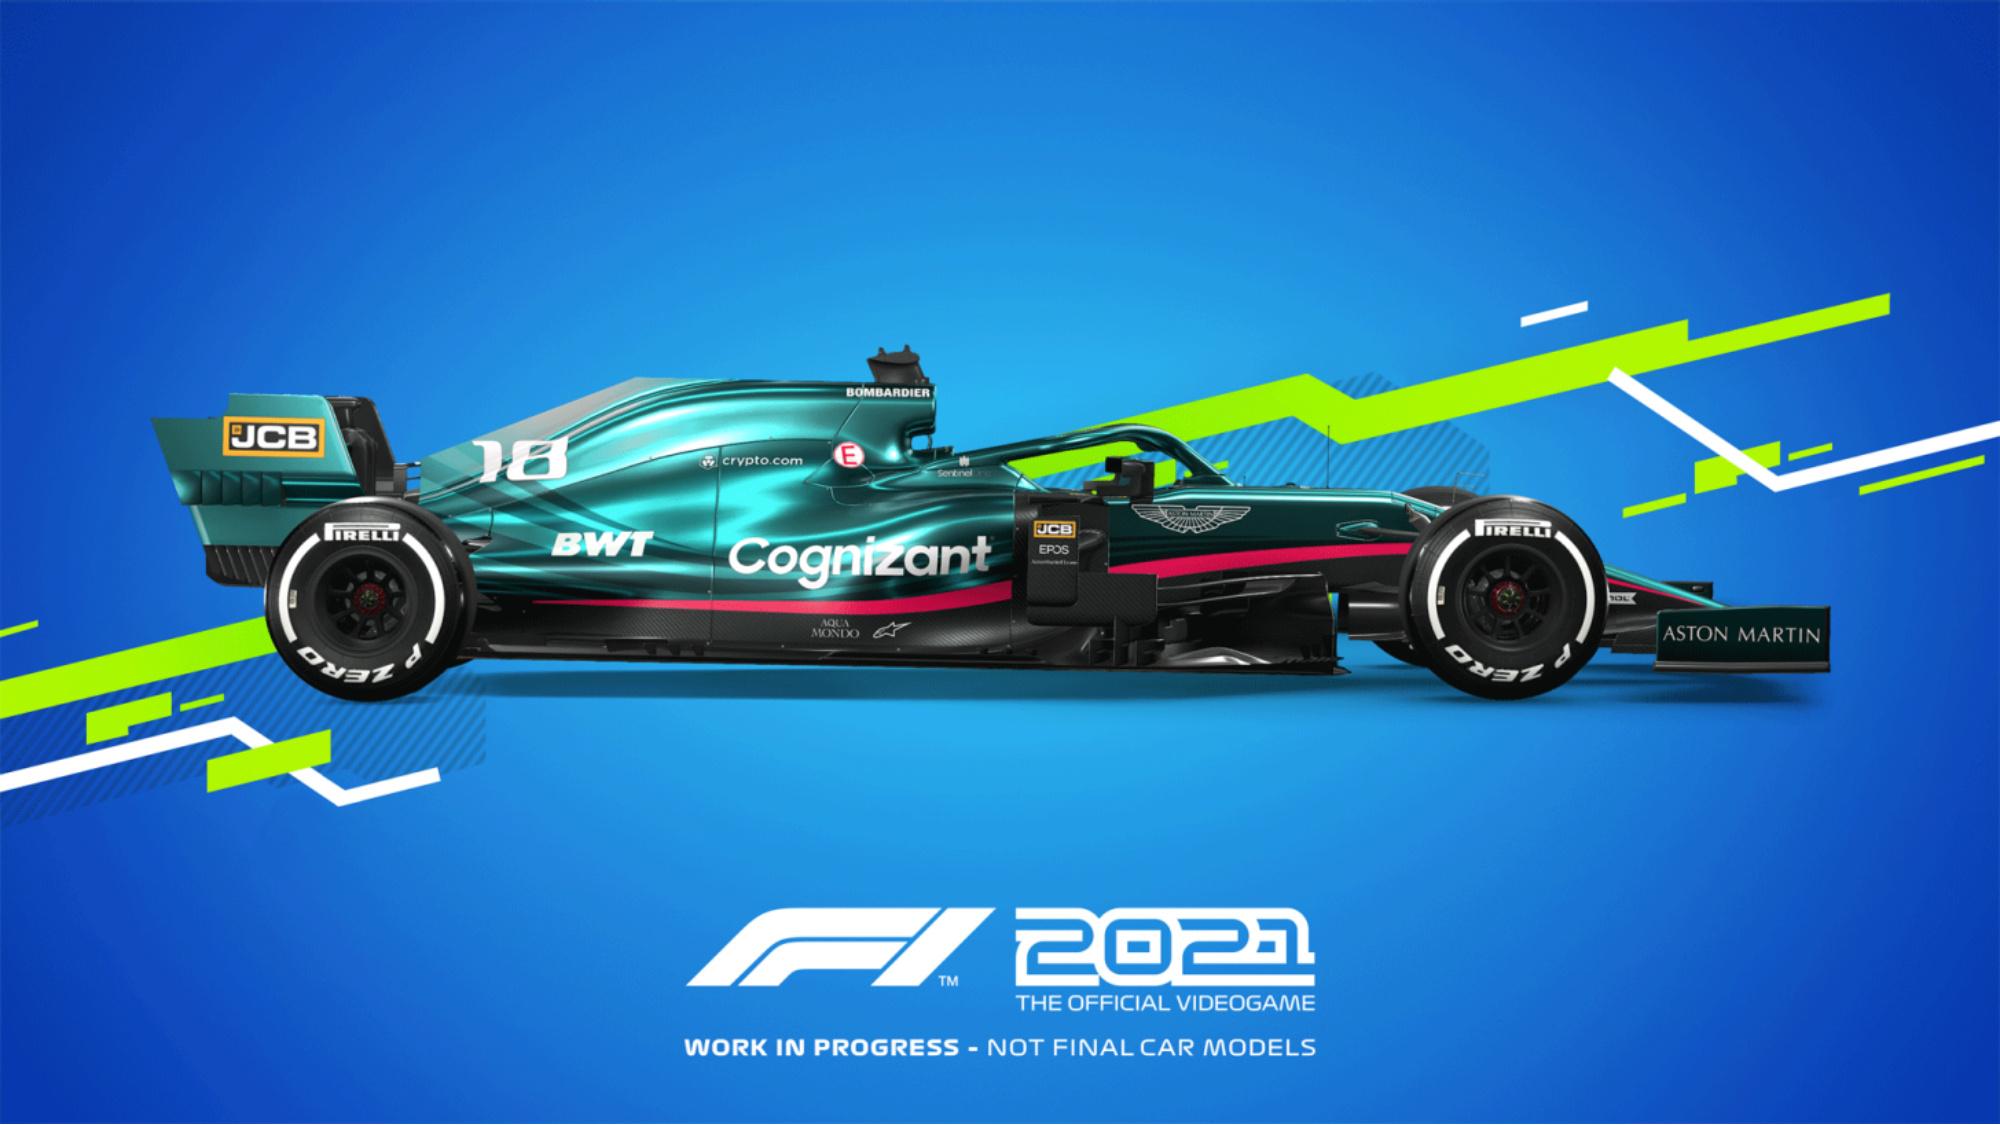 Aston Martin, F1 2021 game